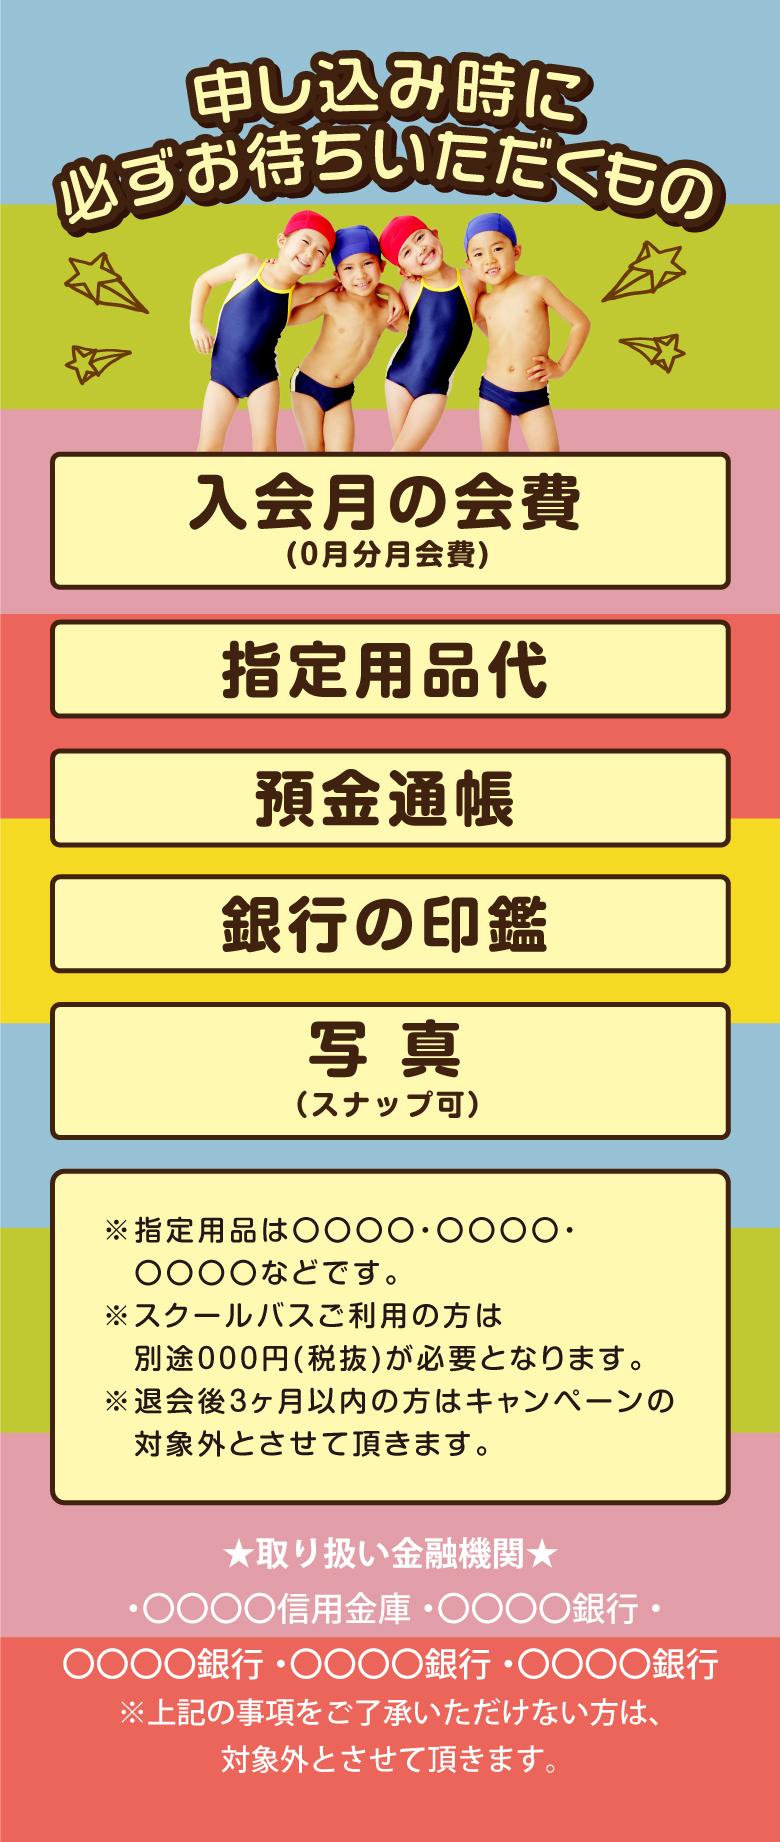 cv-case-ch-20h_d-01